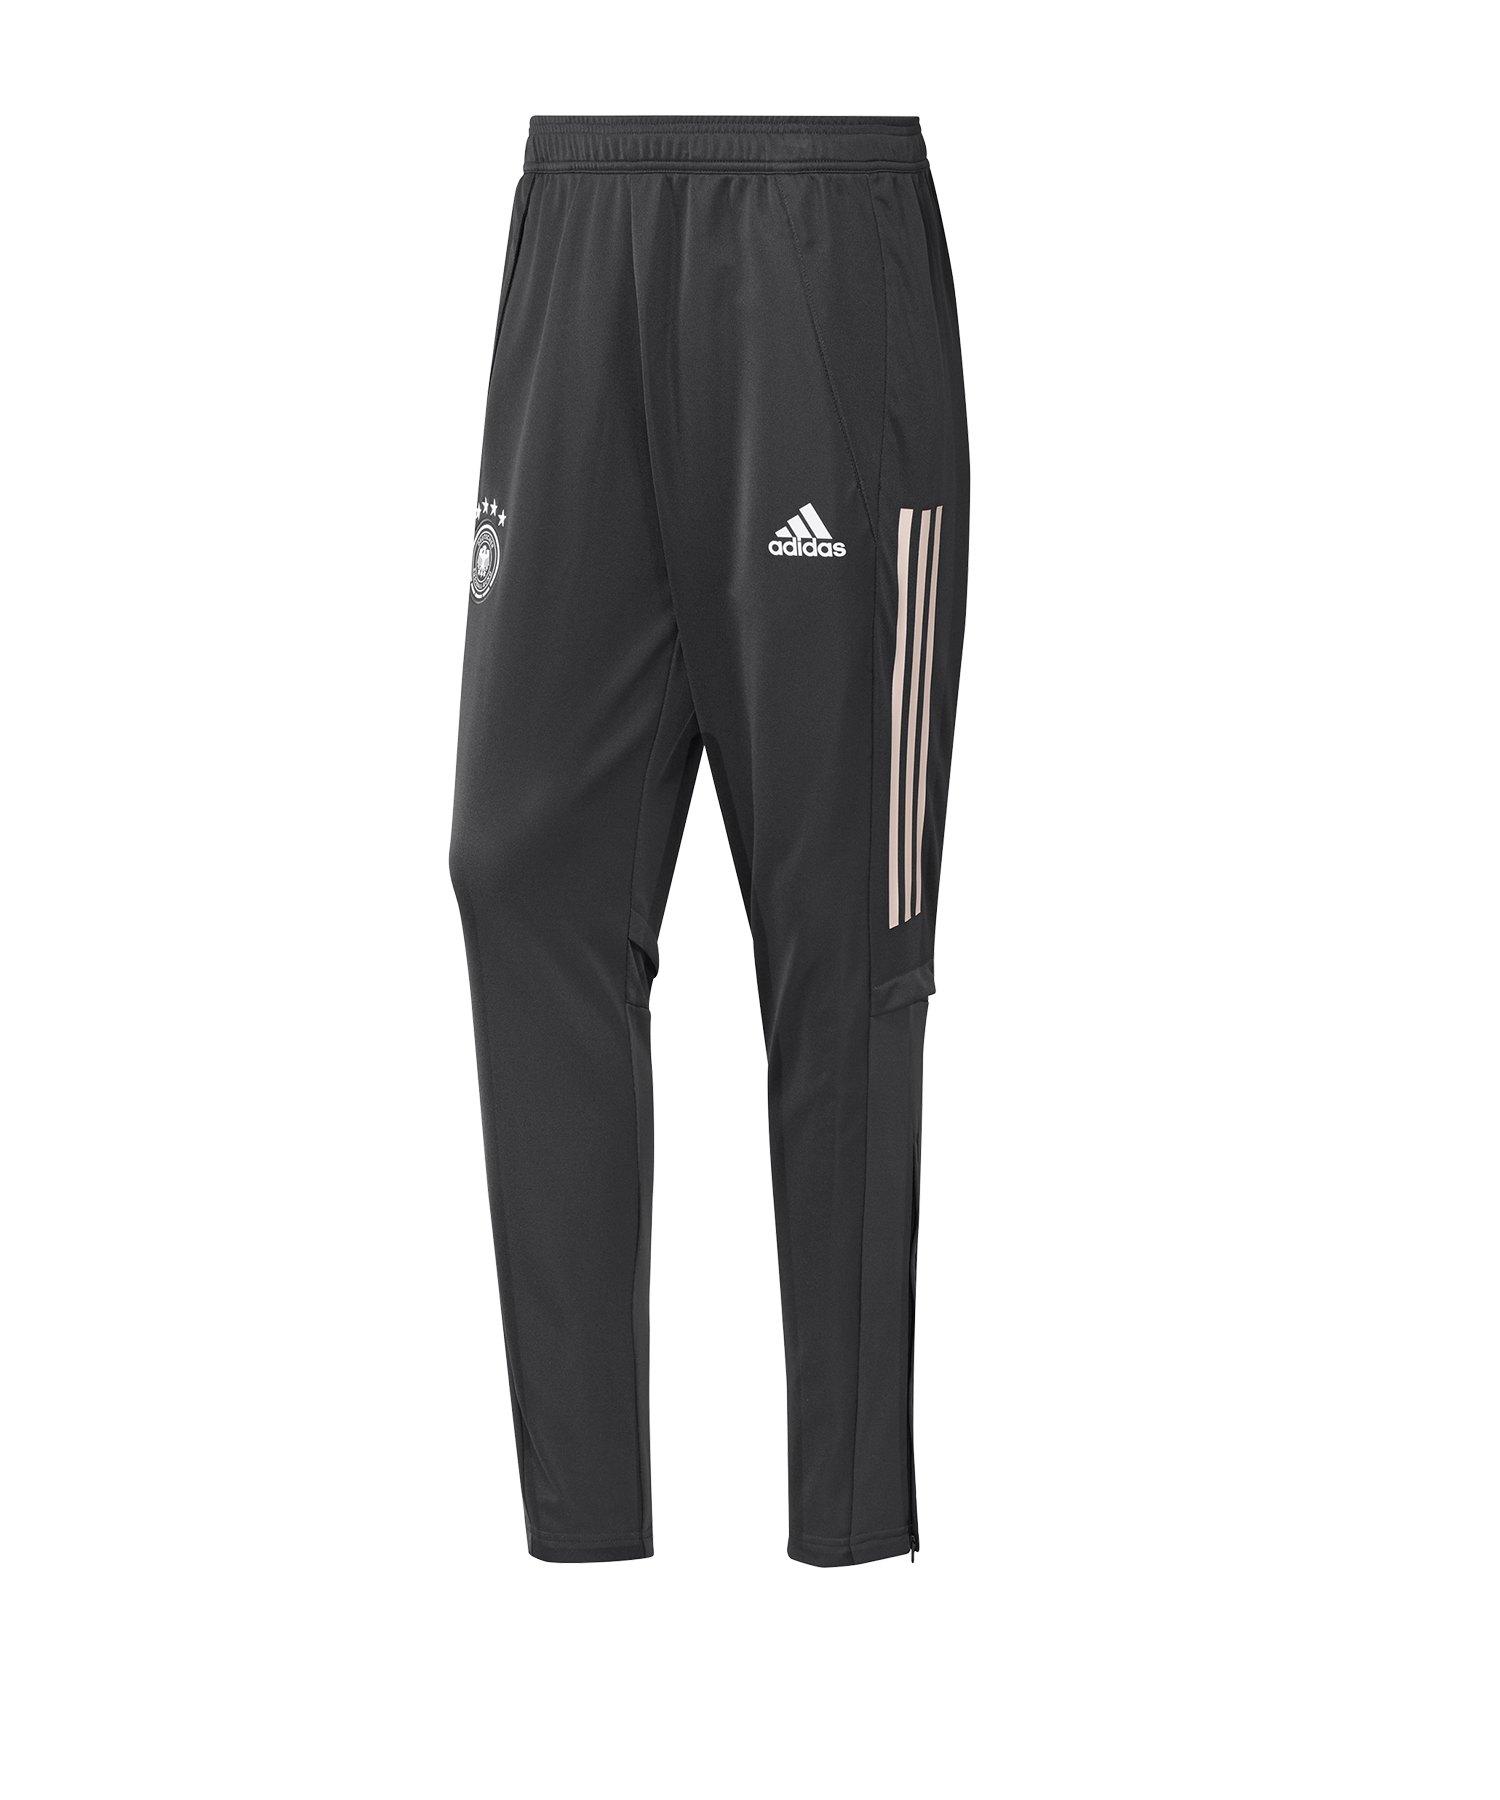 adidas DFB Deutschland Trainingshose lang Grau - grau